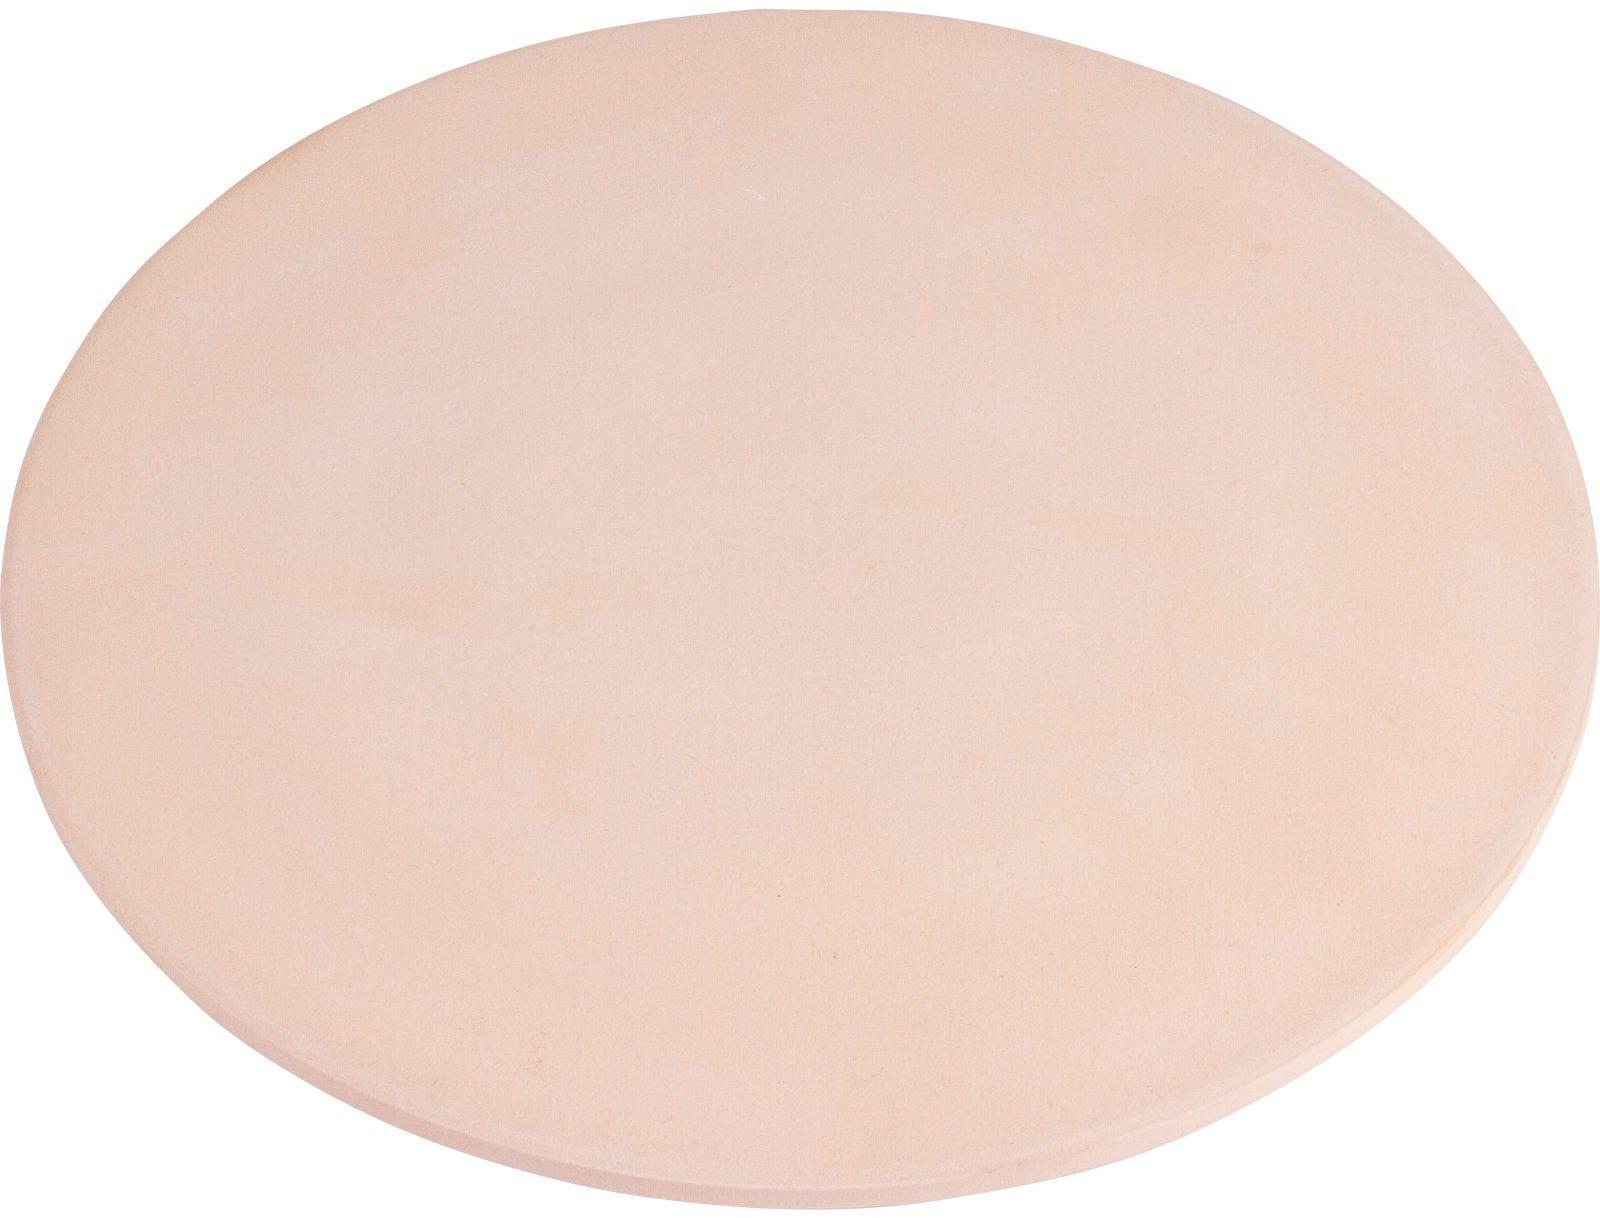 Kamień do pizzy Okrągły - średnica 33 cm